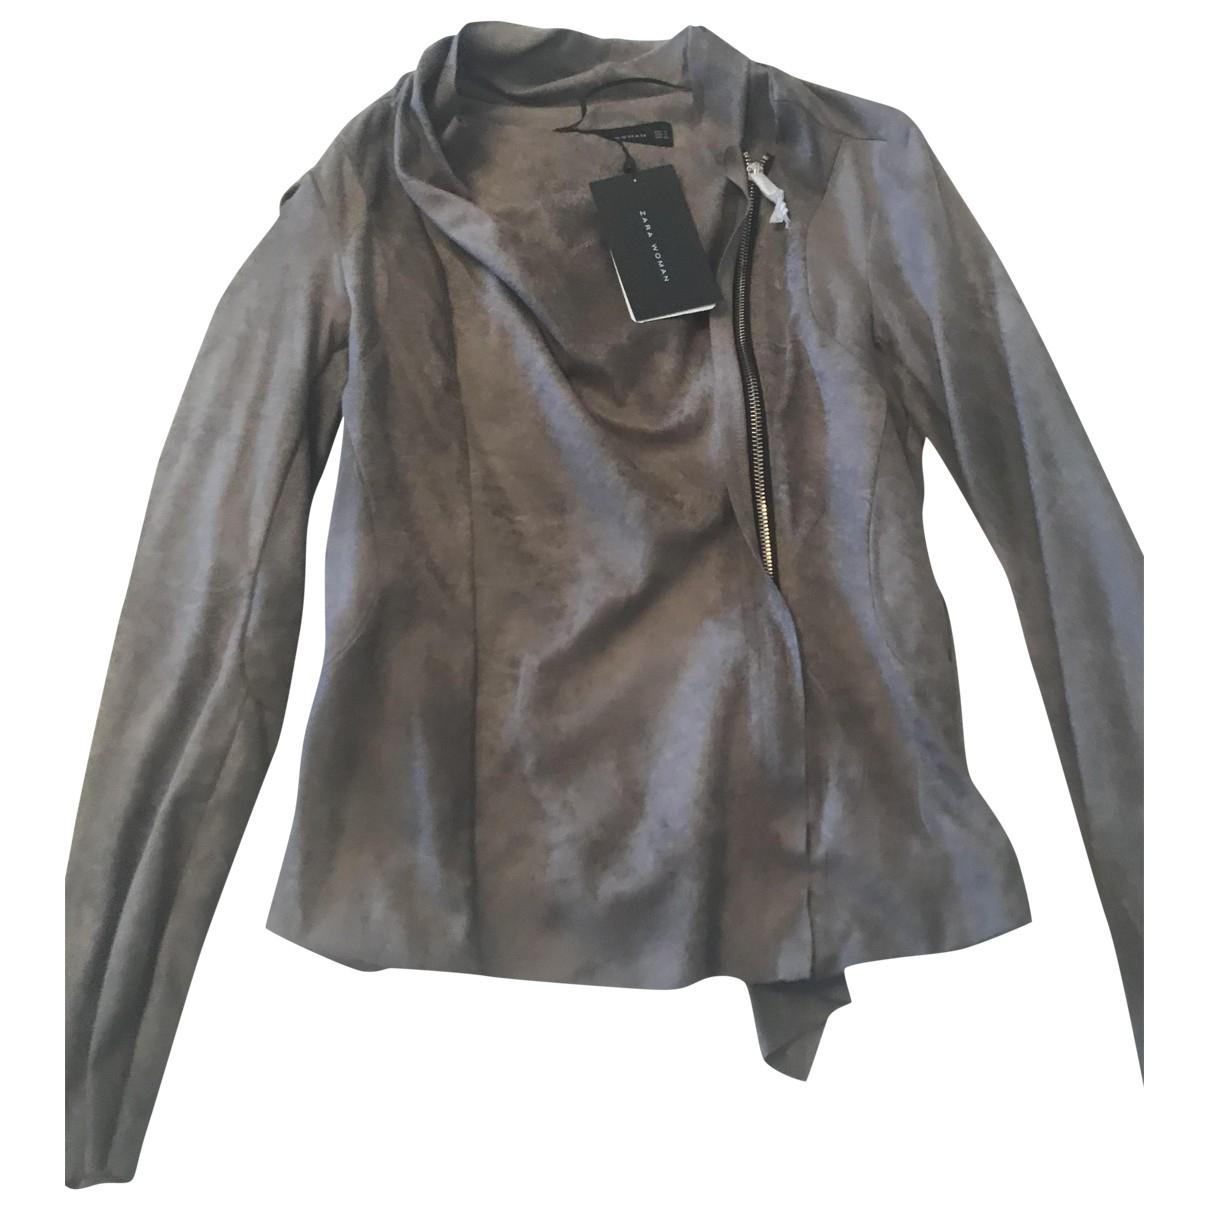 Zara \N Brown jacket for Women 40 IT